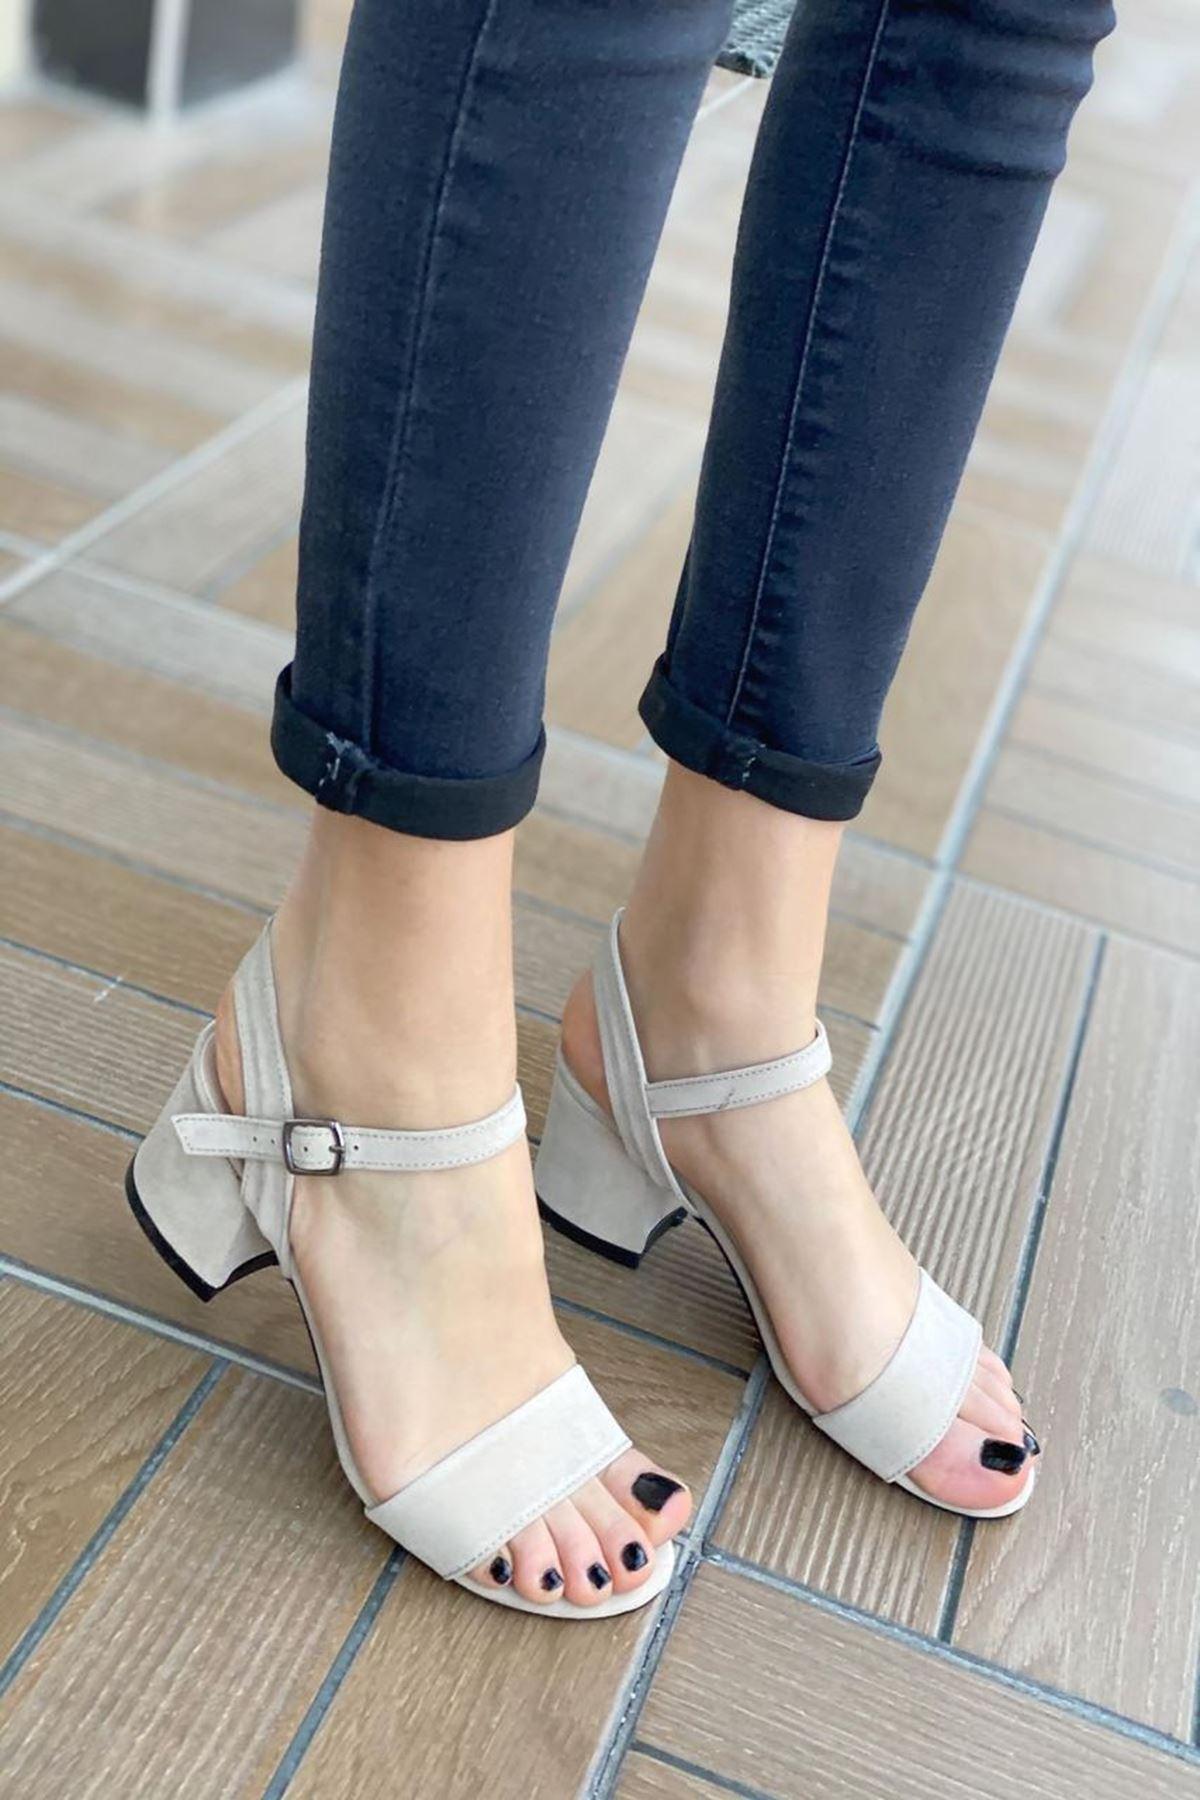 Kadın Silve Bej Süet Kısa Topuklu Ayakkabı